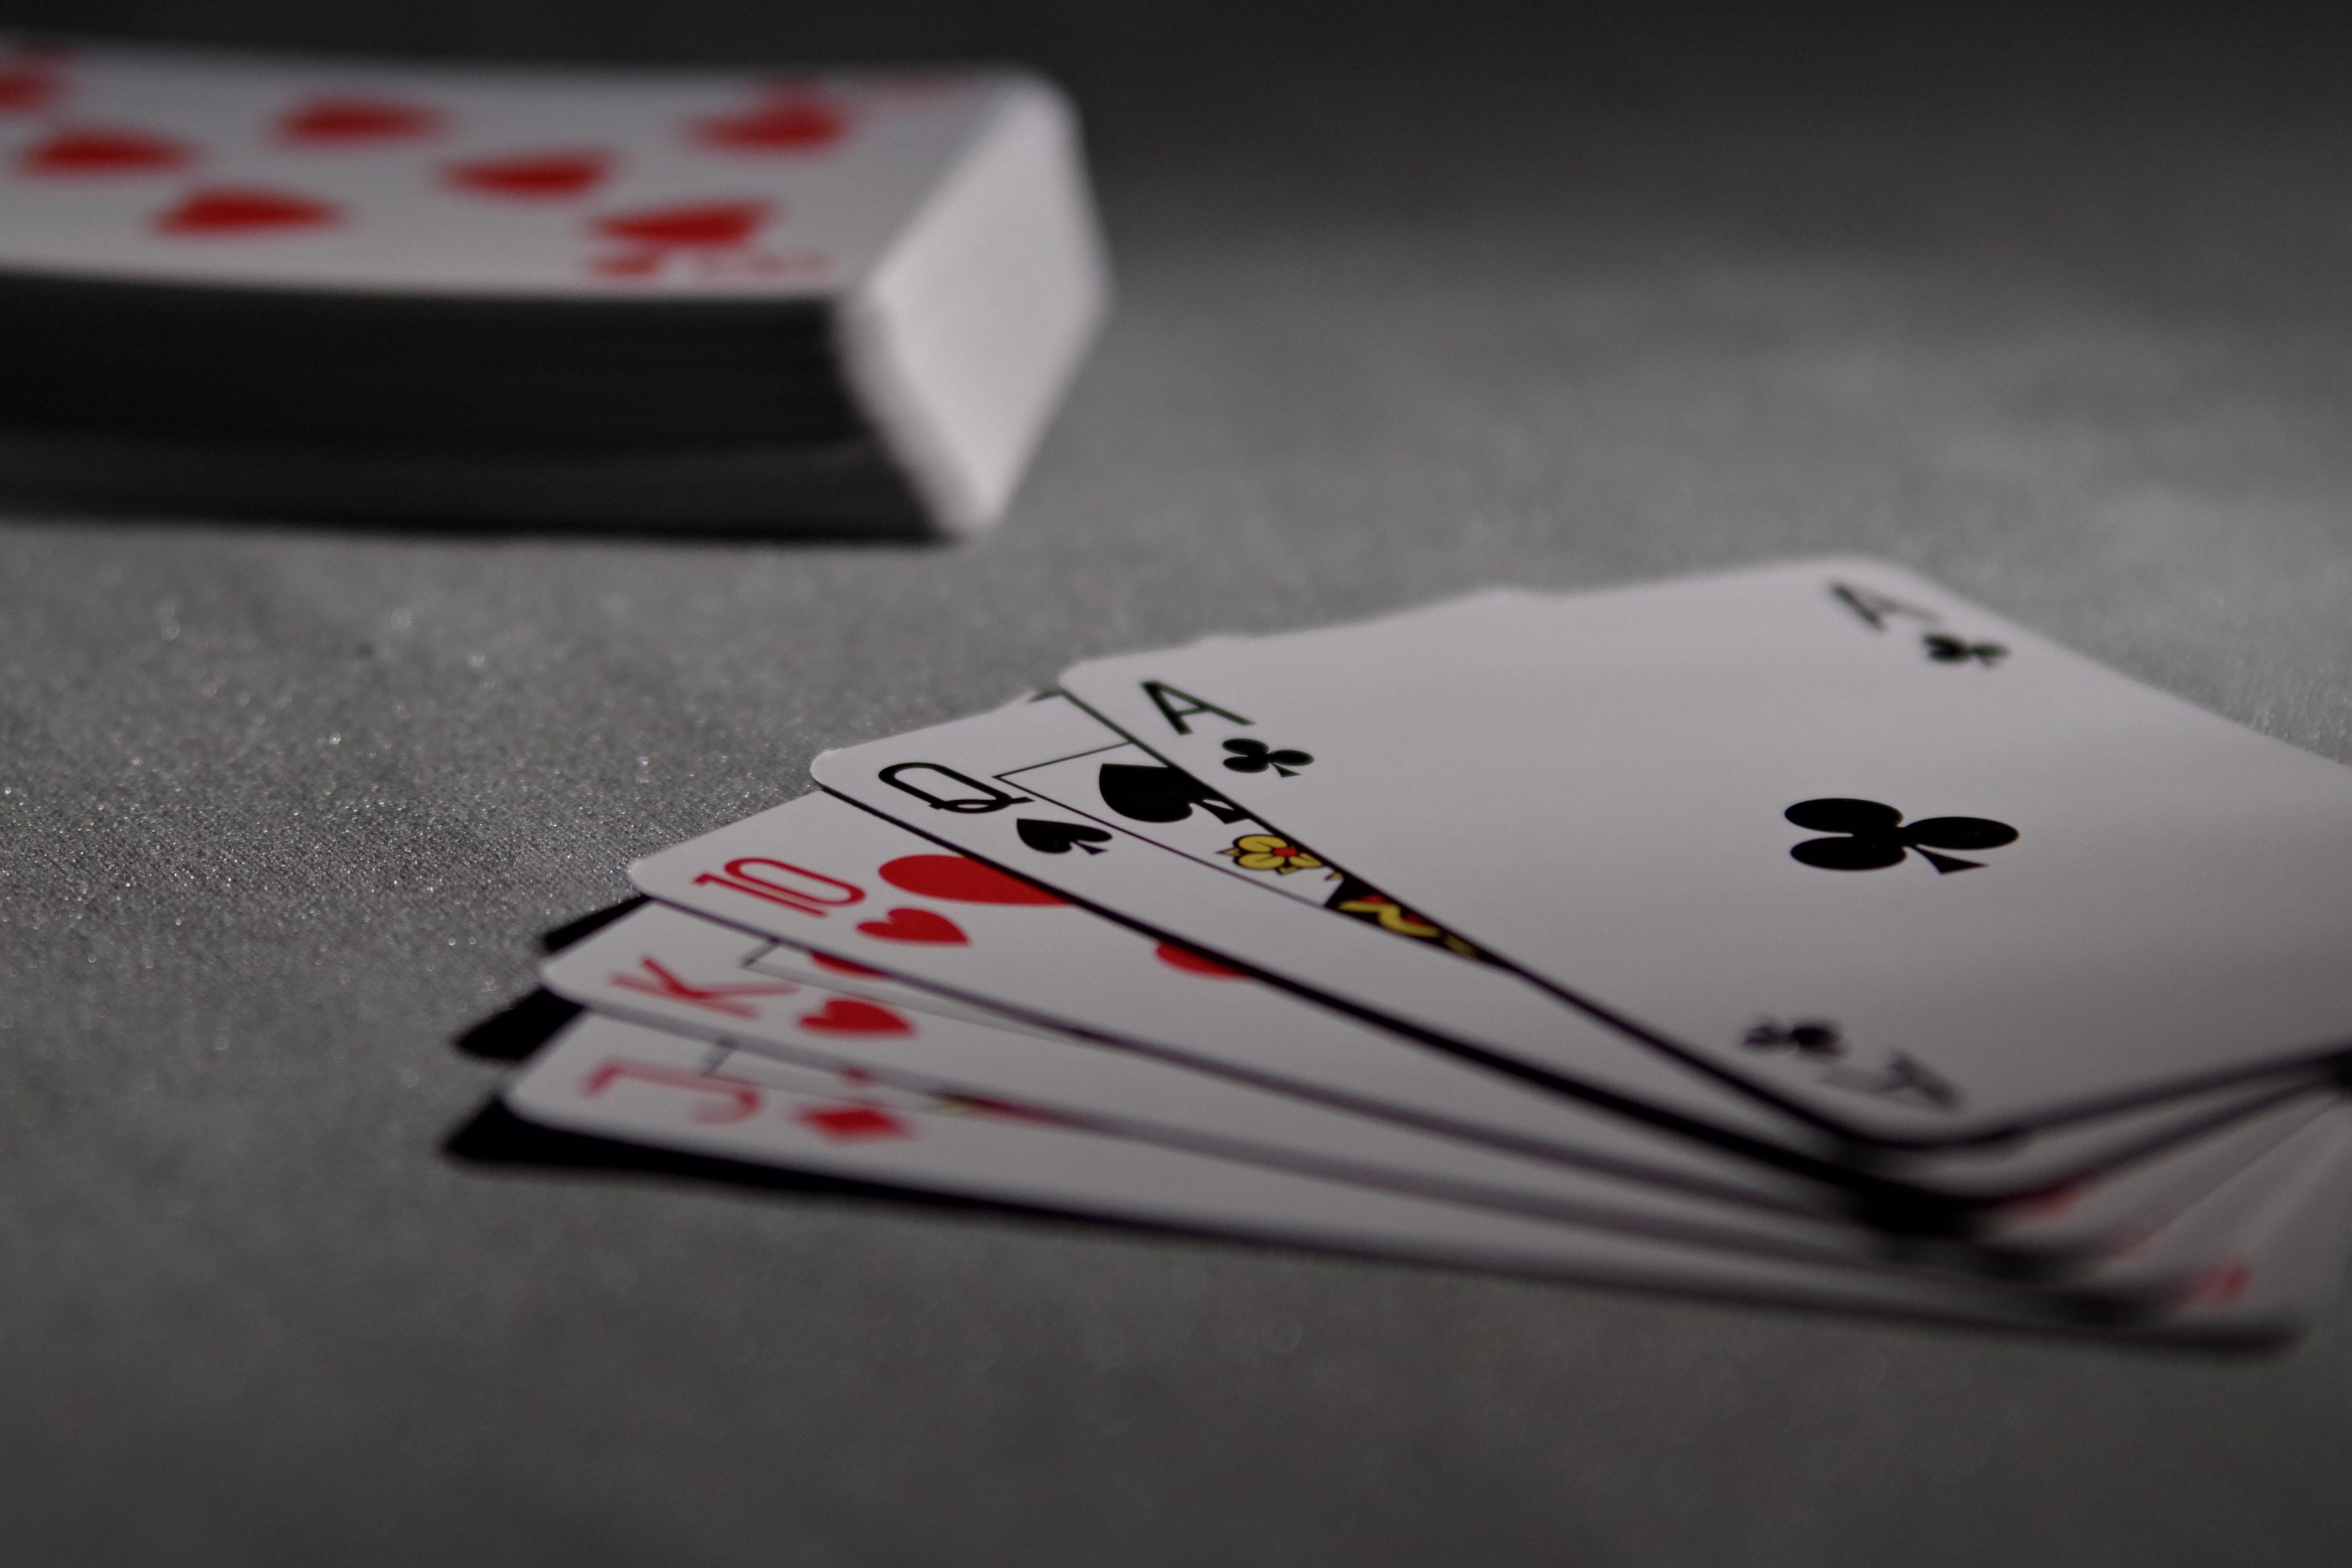 Jogos de apostas a brincar